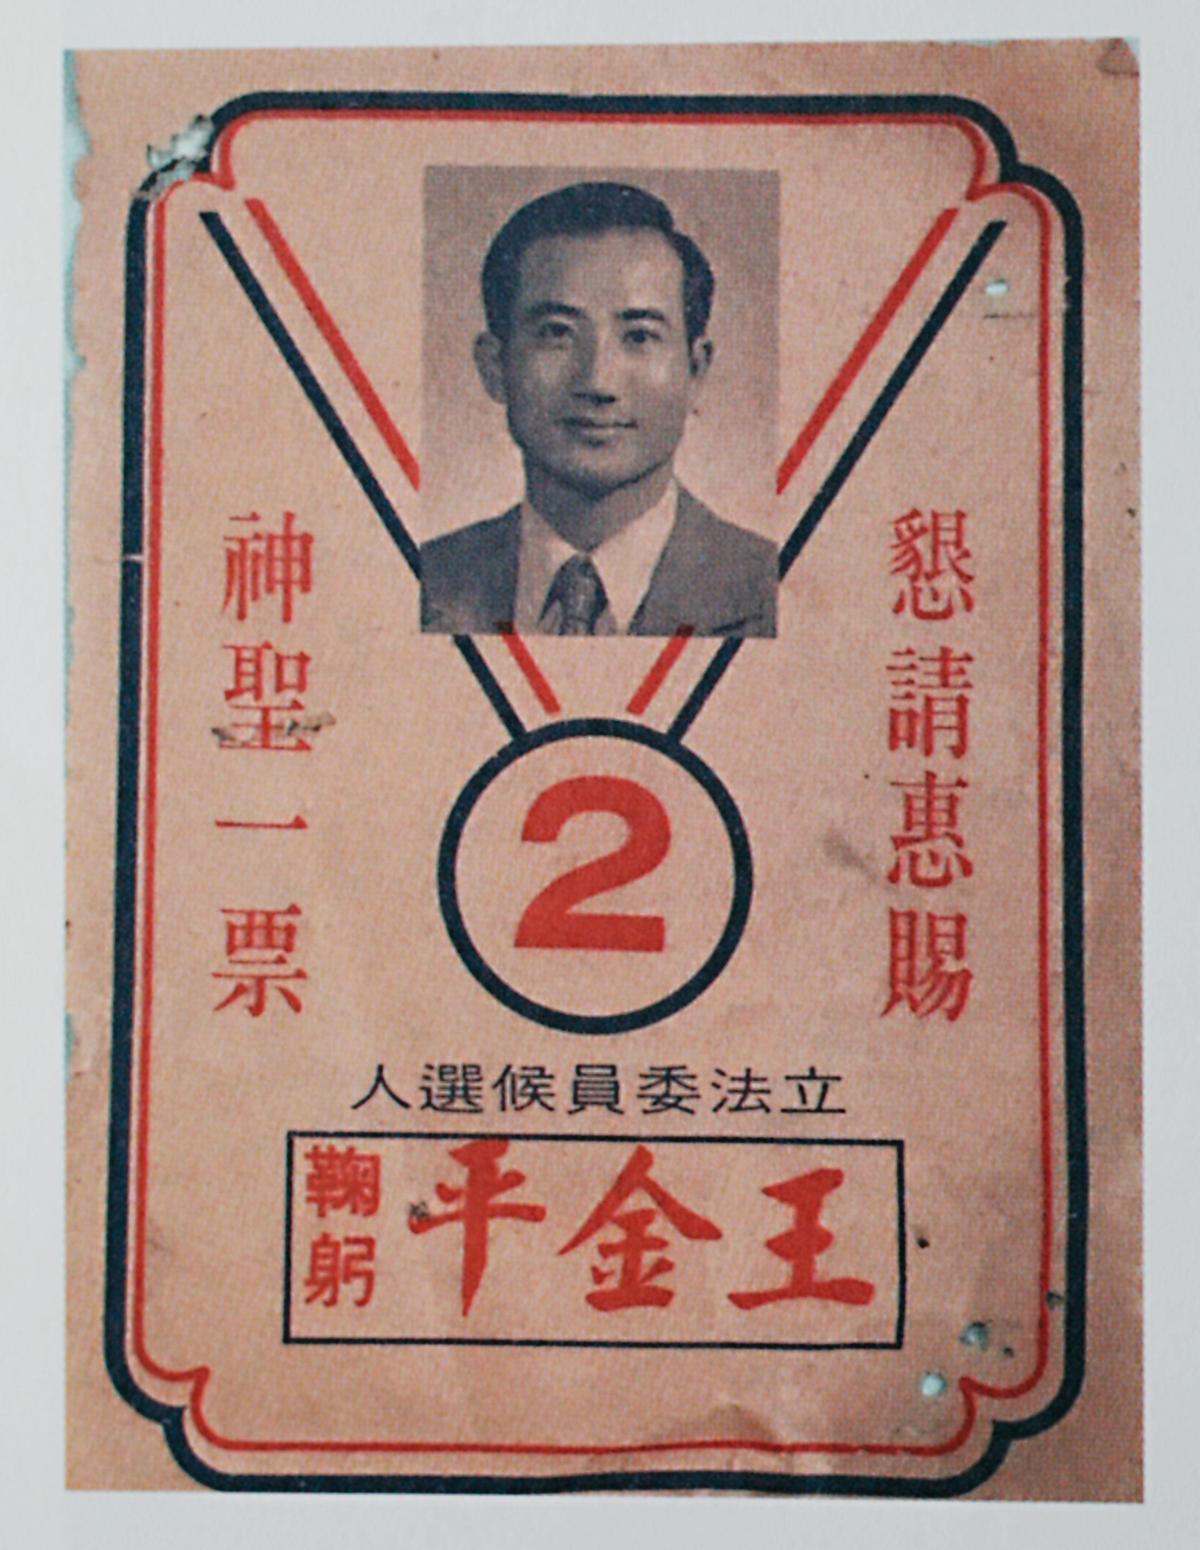 王金平1975年參選立委至今,其從政之路就是中華民國民主發展史。(翻攝自《橋:走近王金平》)